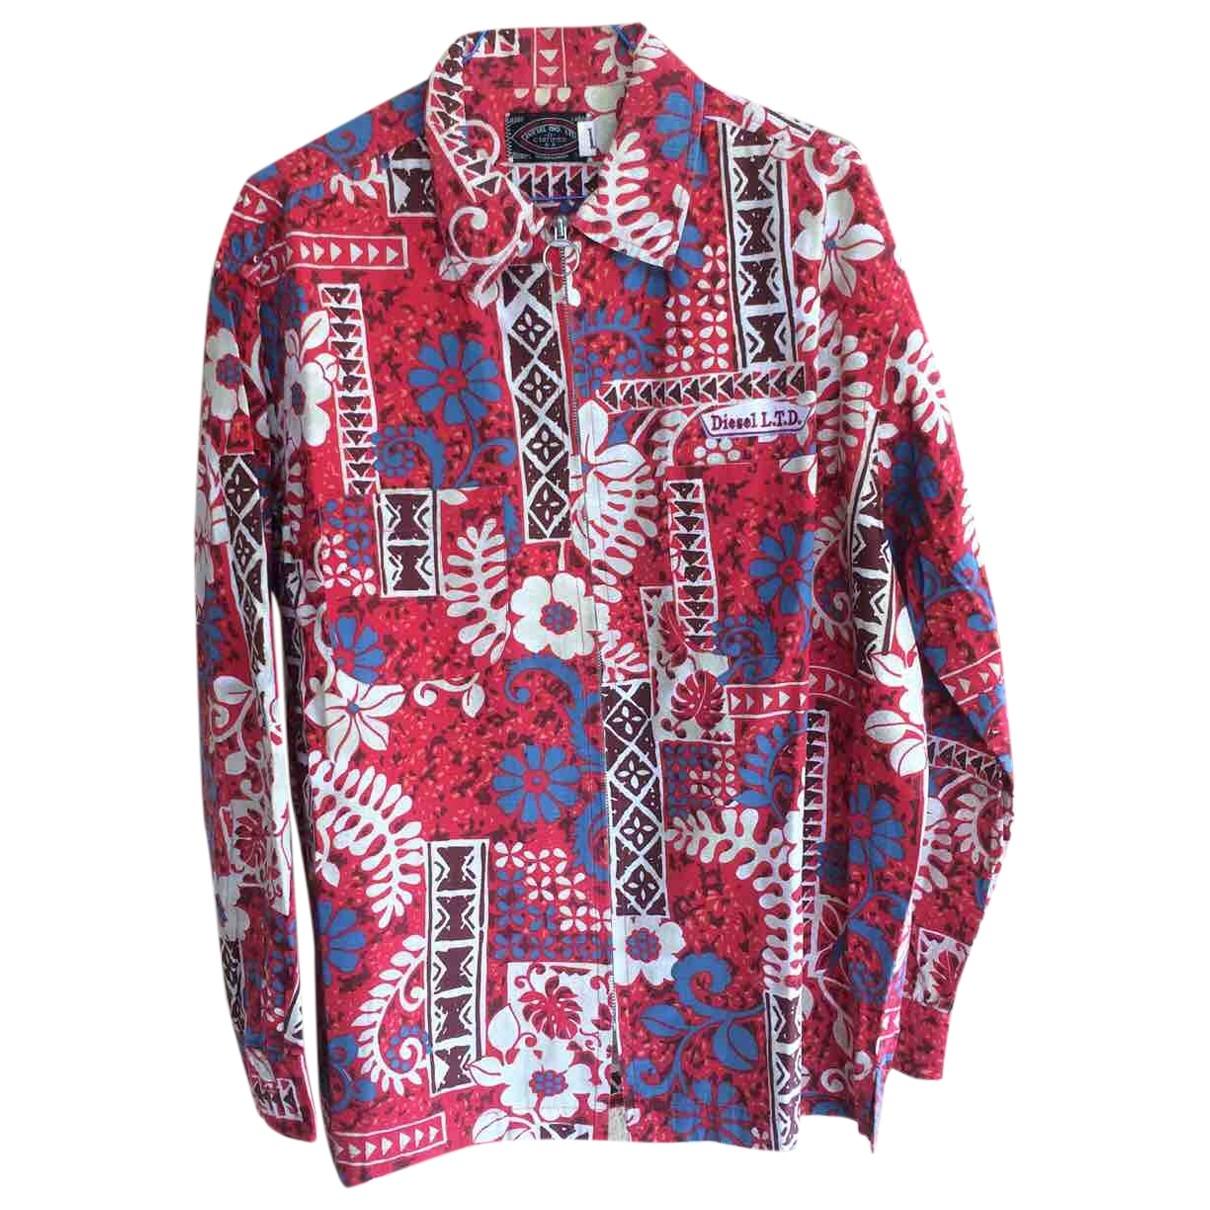 Diesel - Vestes.Blousons   pour homme en coton - multicolore